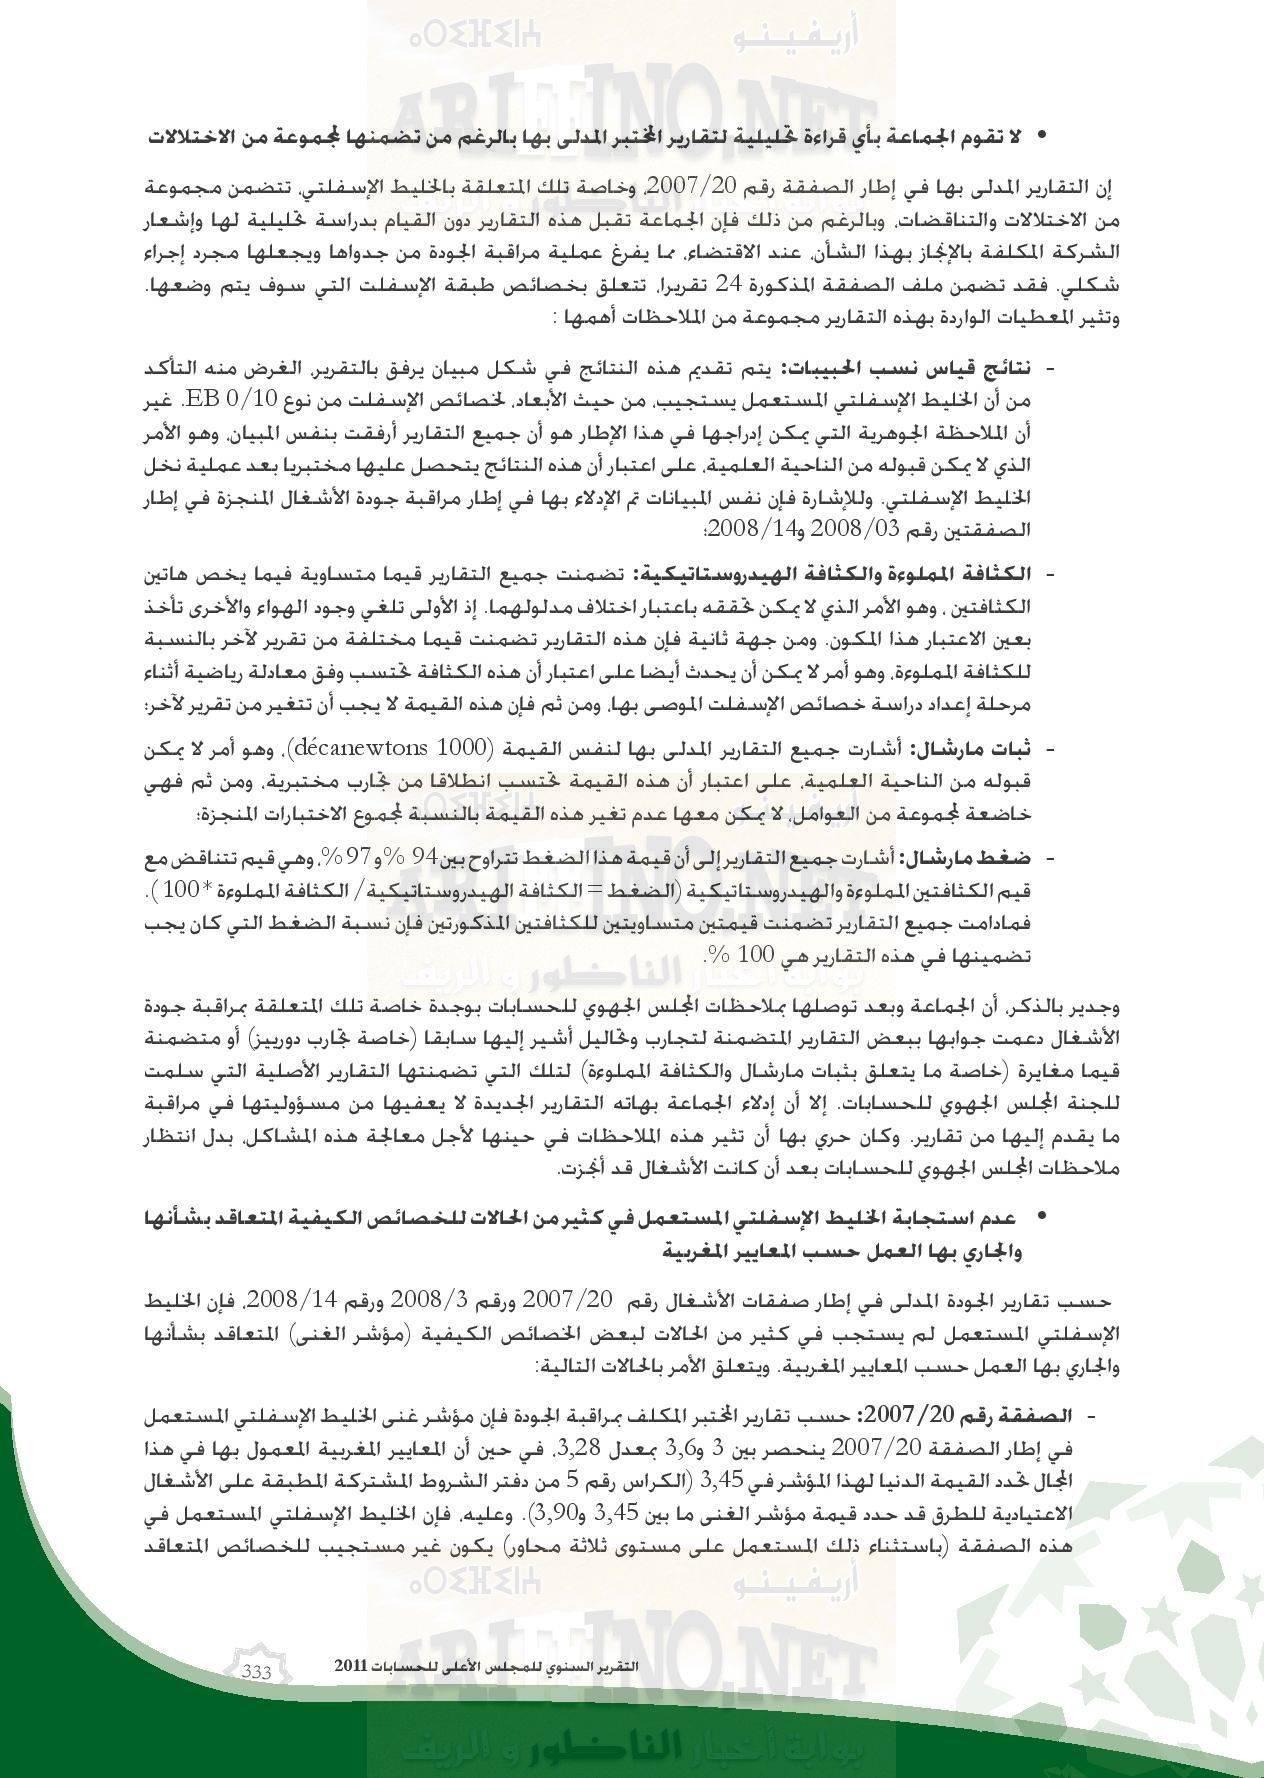 nador_0059 تقرير المجلس الاعلى للحسابات: بلدية الناظور تعيش إختلالات و عشوائية و عاجزة عن القيام بمهامها